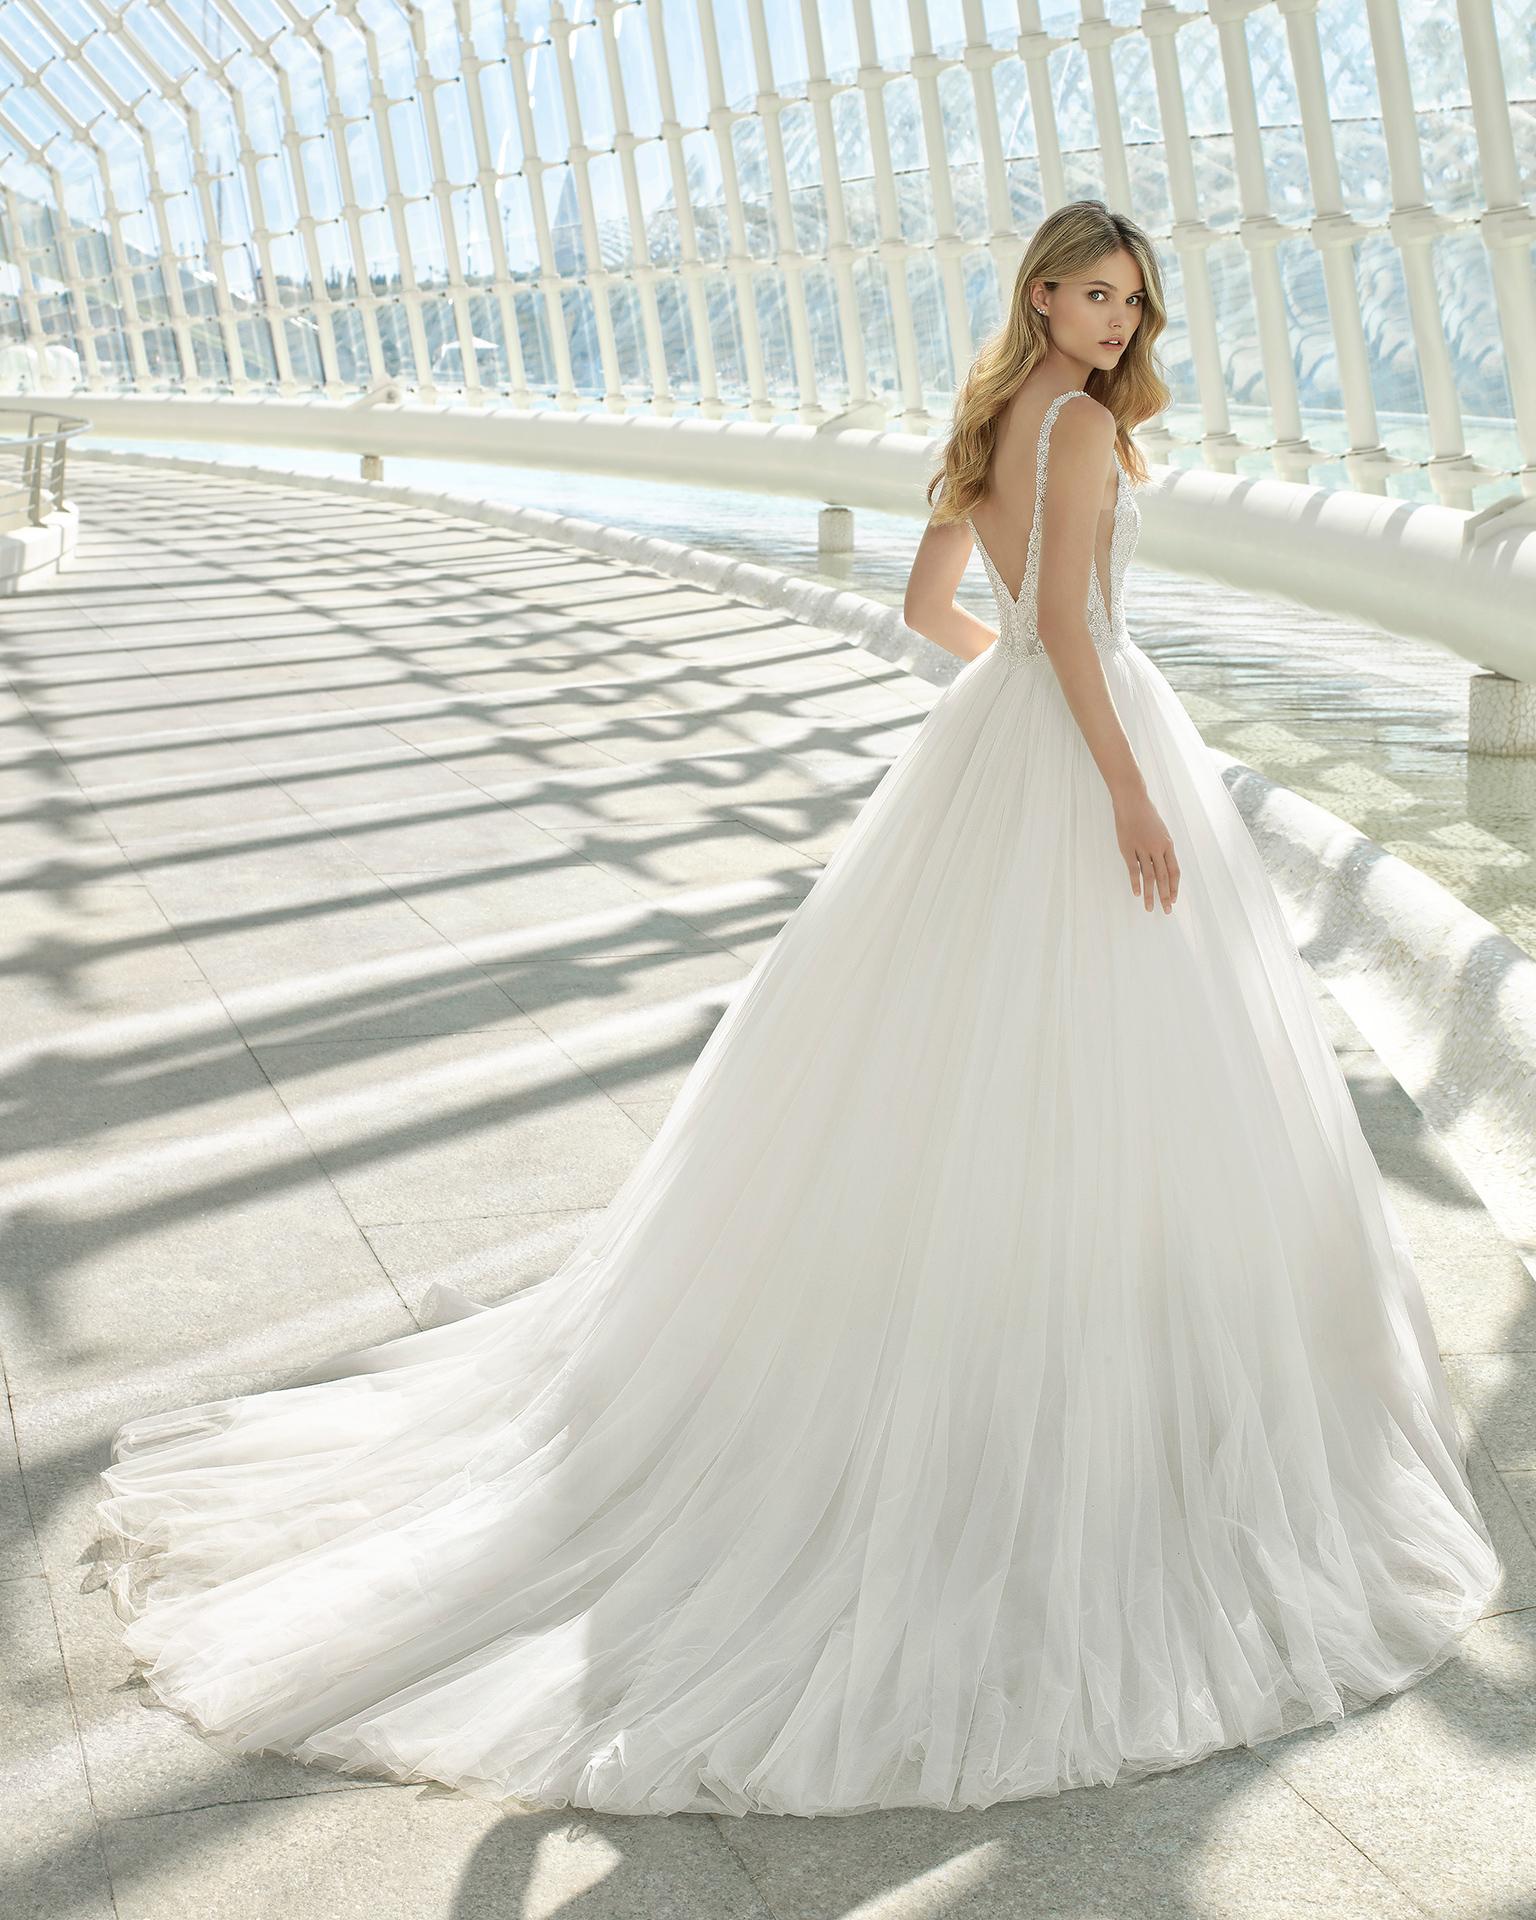 Brautkleid Brautmode Hochzeitskleid Hochzeitsblume Salzgitter